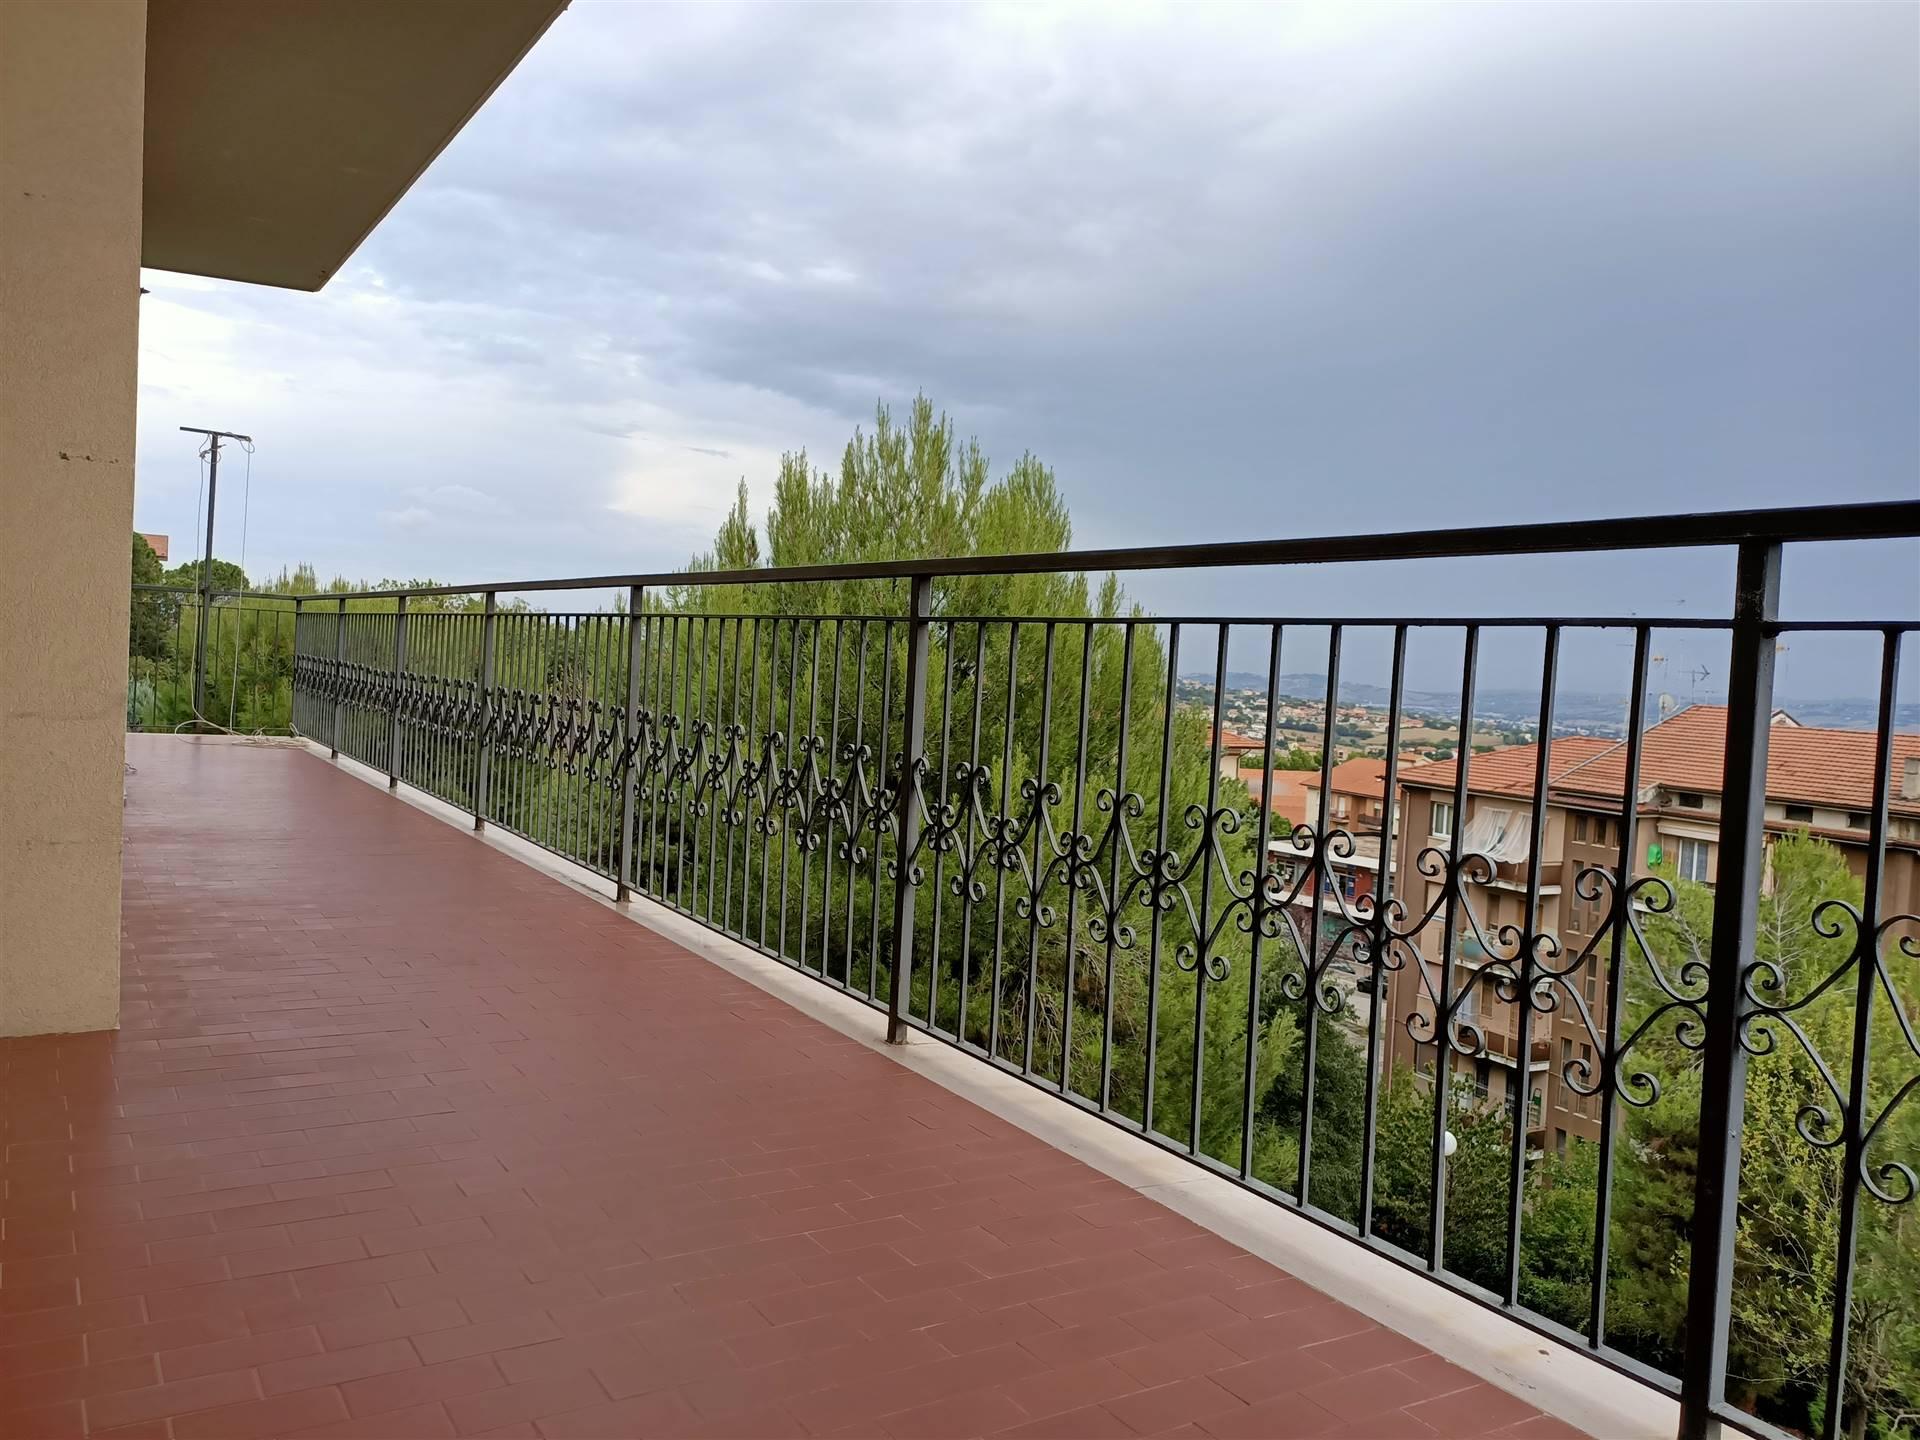 ALL IMMOBILIARE SAS propone in vendita, ad OSIMO in via Tiziano, appartamento con garage al primo piano in palazzina residenziale. L'abitazione, di